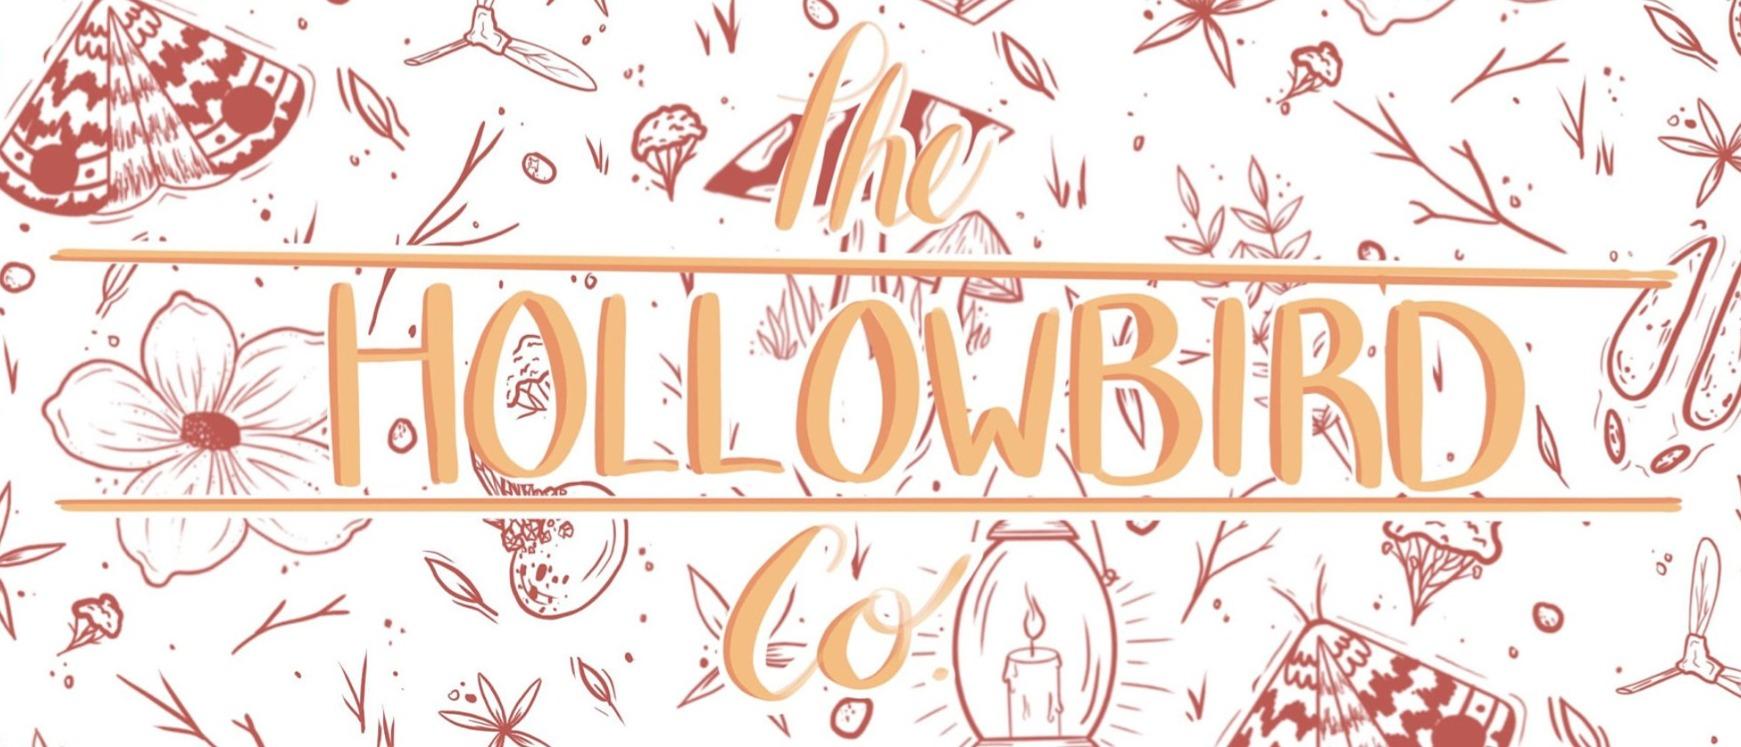 The Hollowbird Co